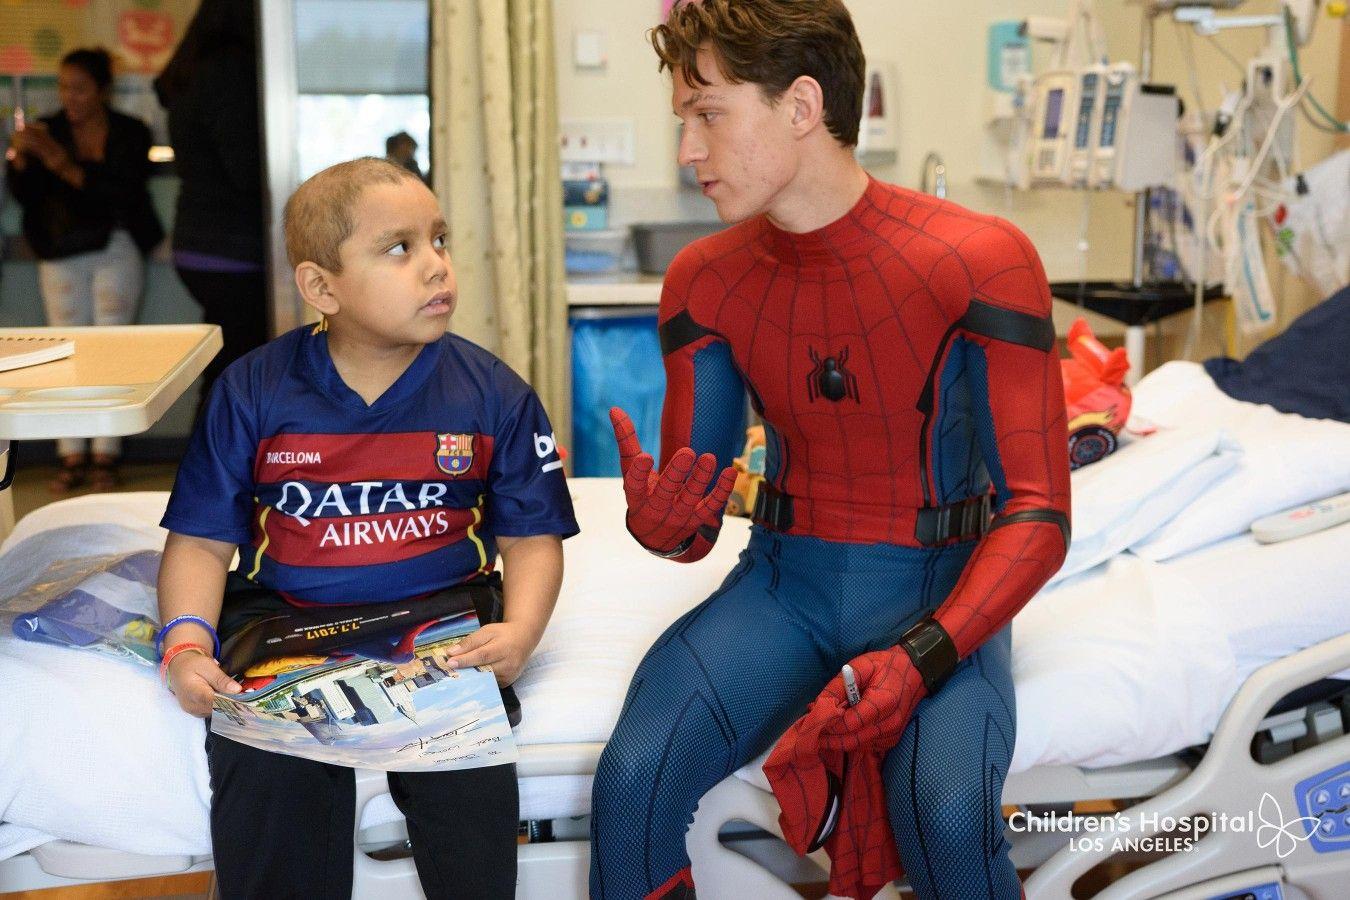 Tom Holland at Children's Hospital Los Angeles (3/6)   Tom holland, Tom holland spiderman, Tom holland peter parker